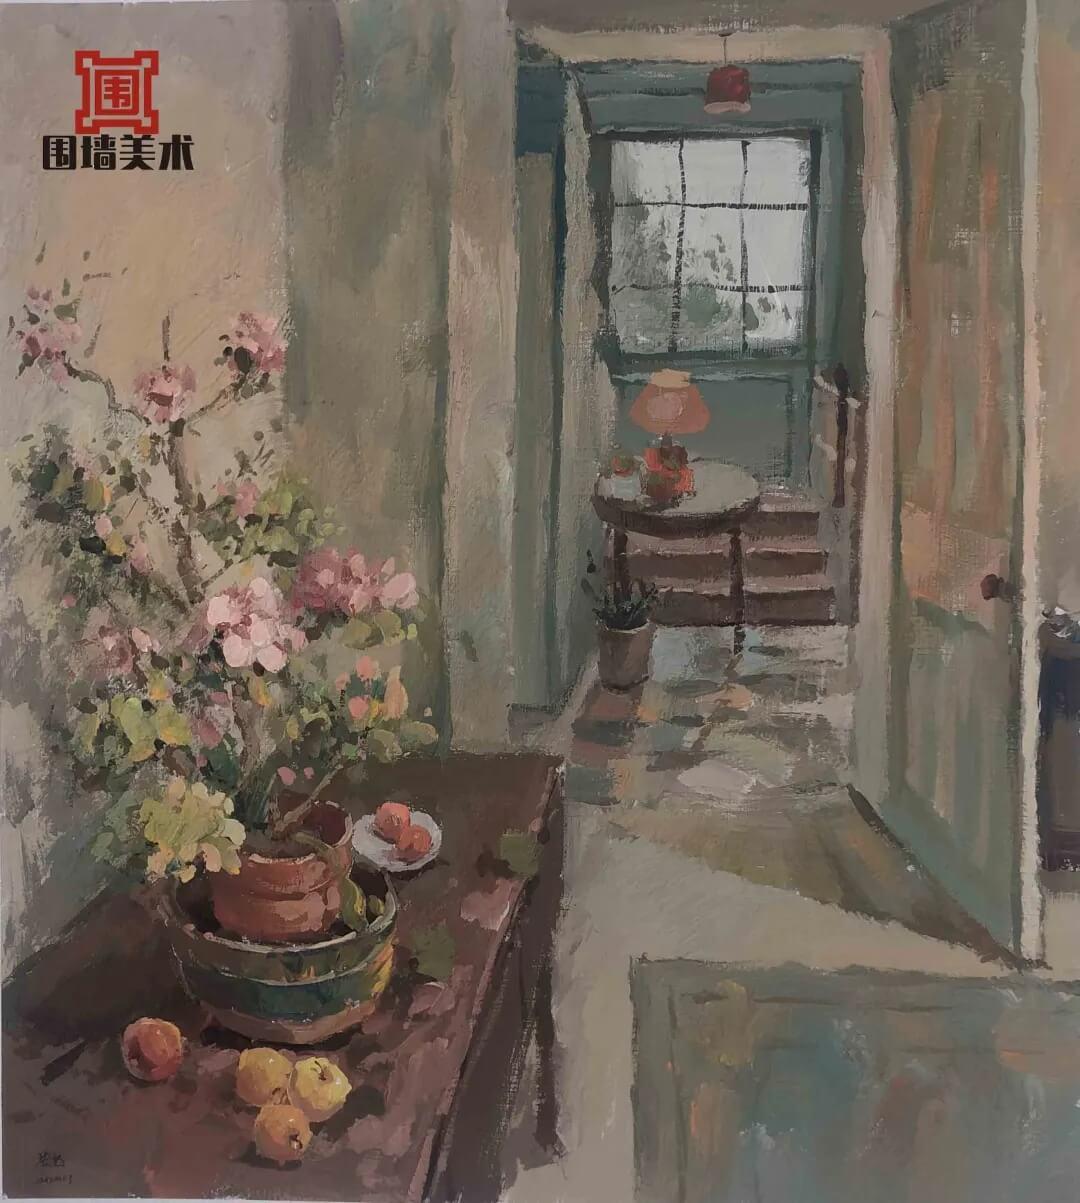 广州艺考画室,广州暑假班画室,广州美术画室,22